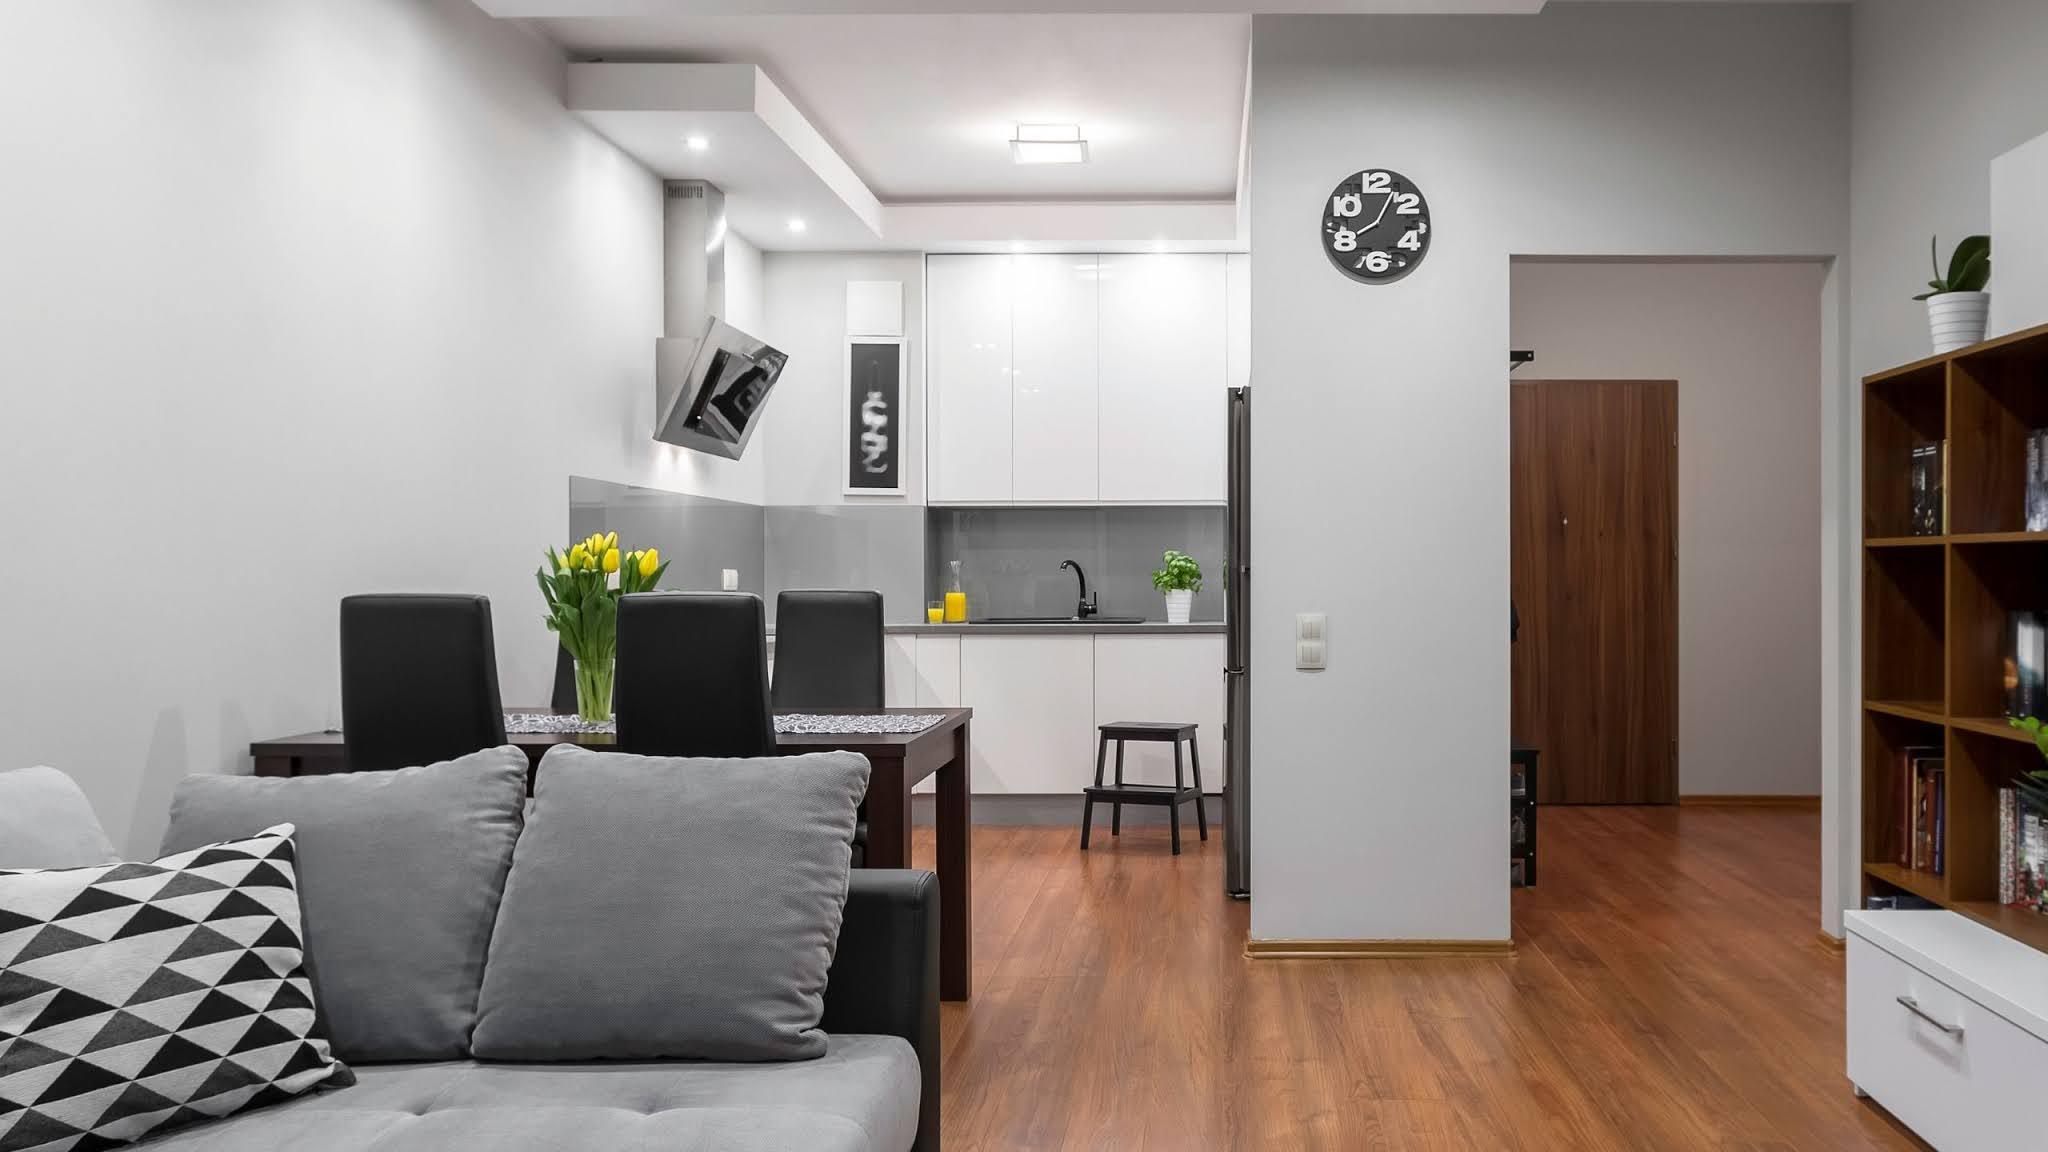 jak umeblować małe mieszkanie w bloku